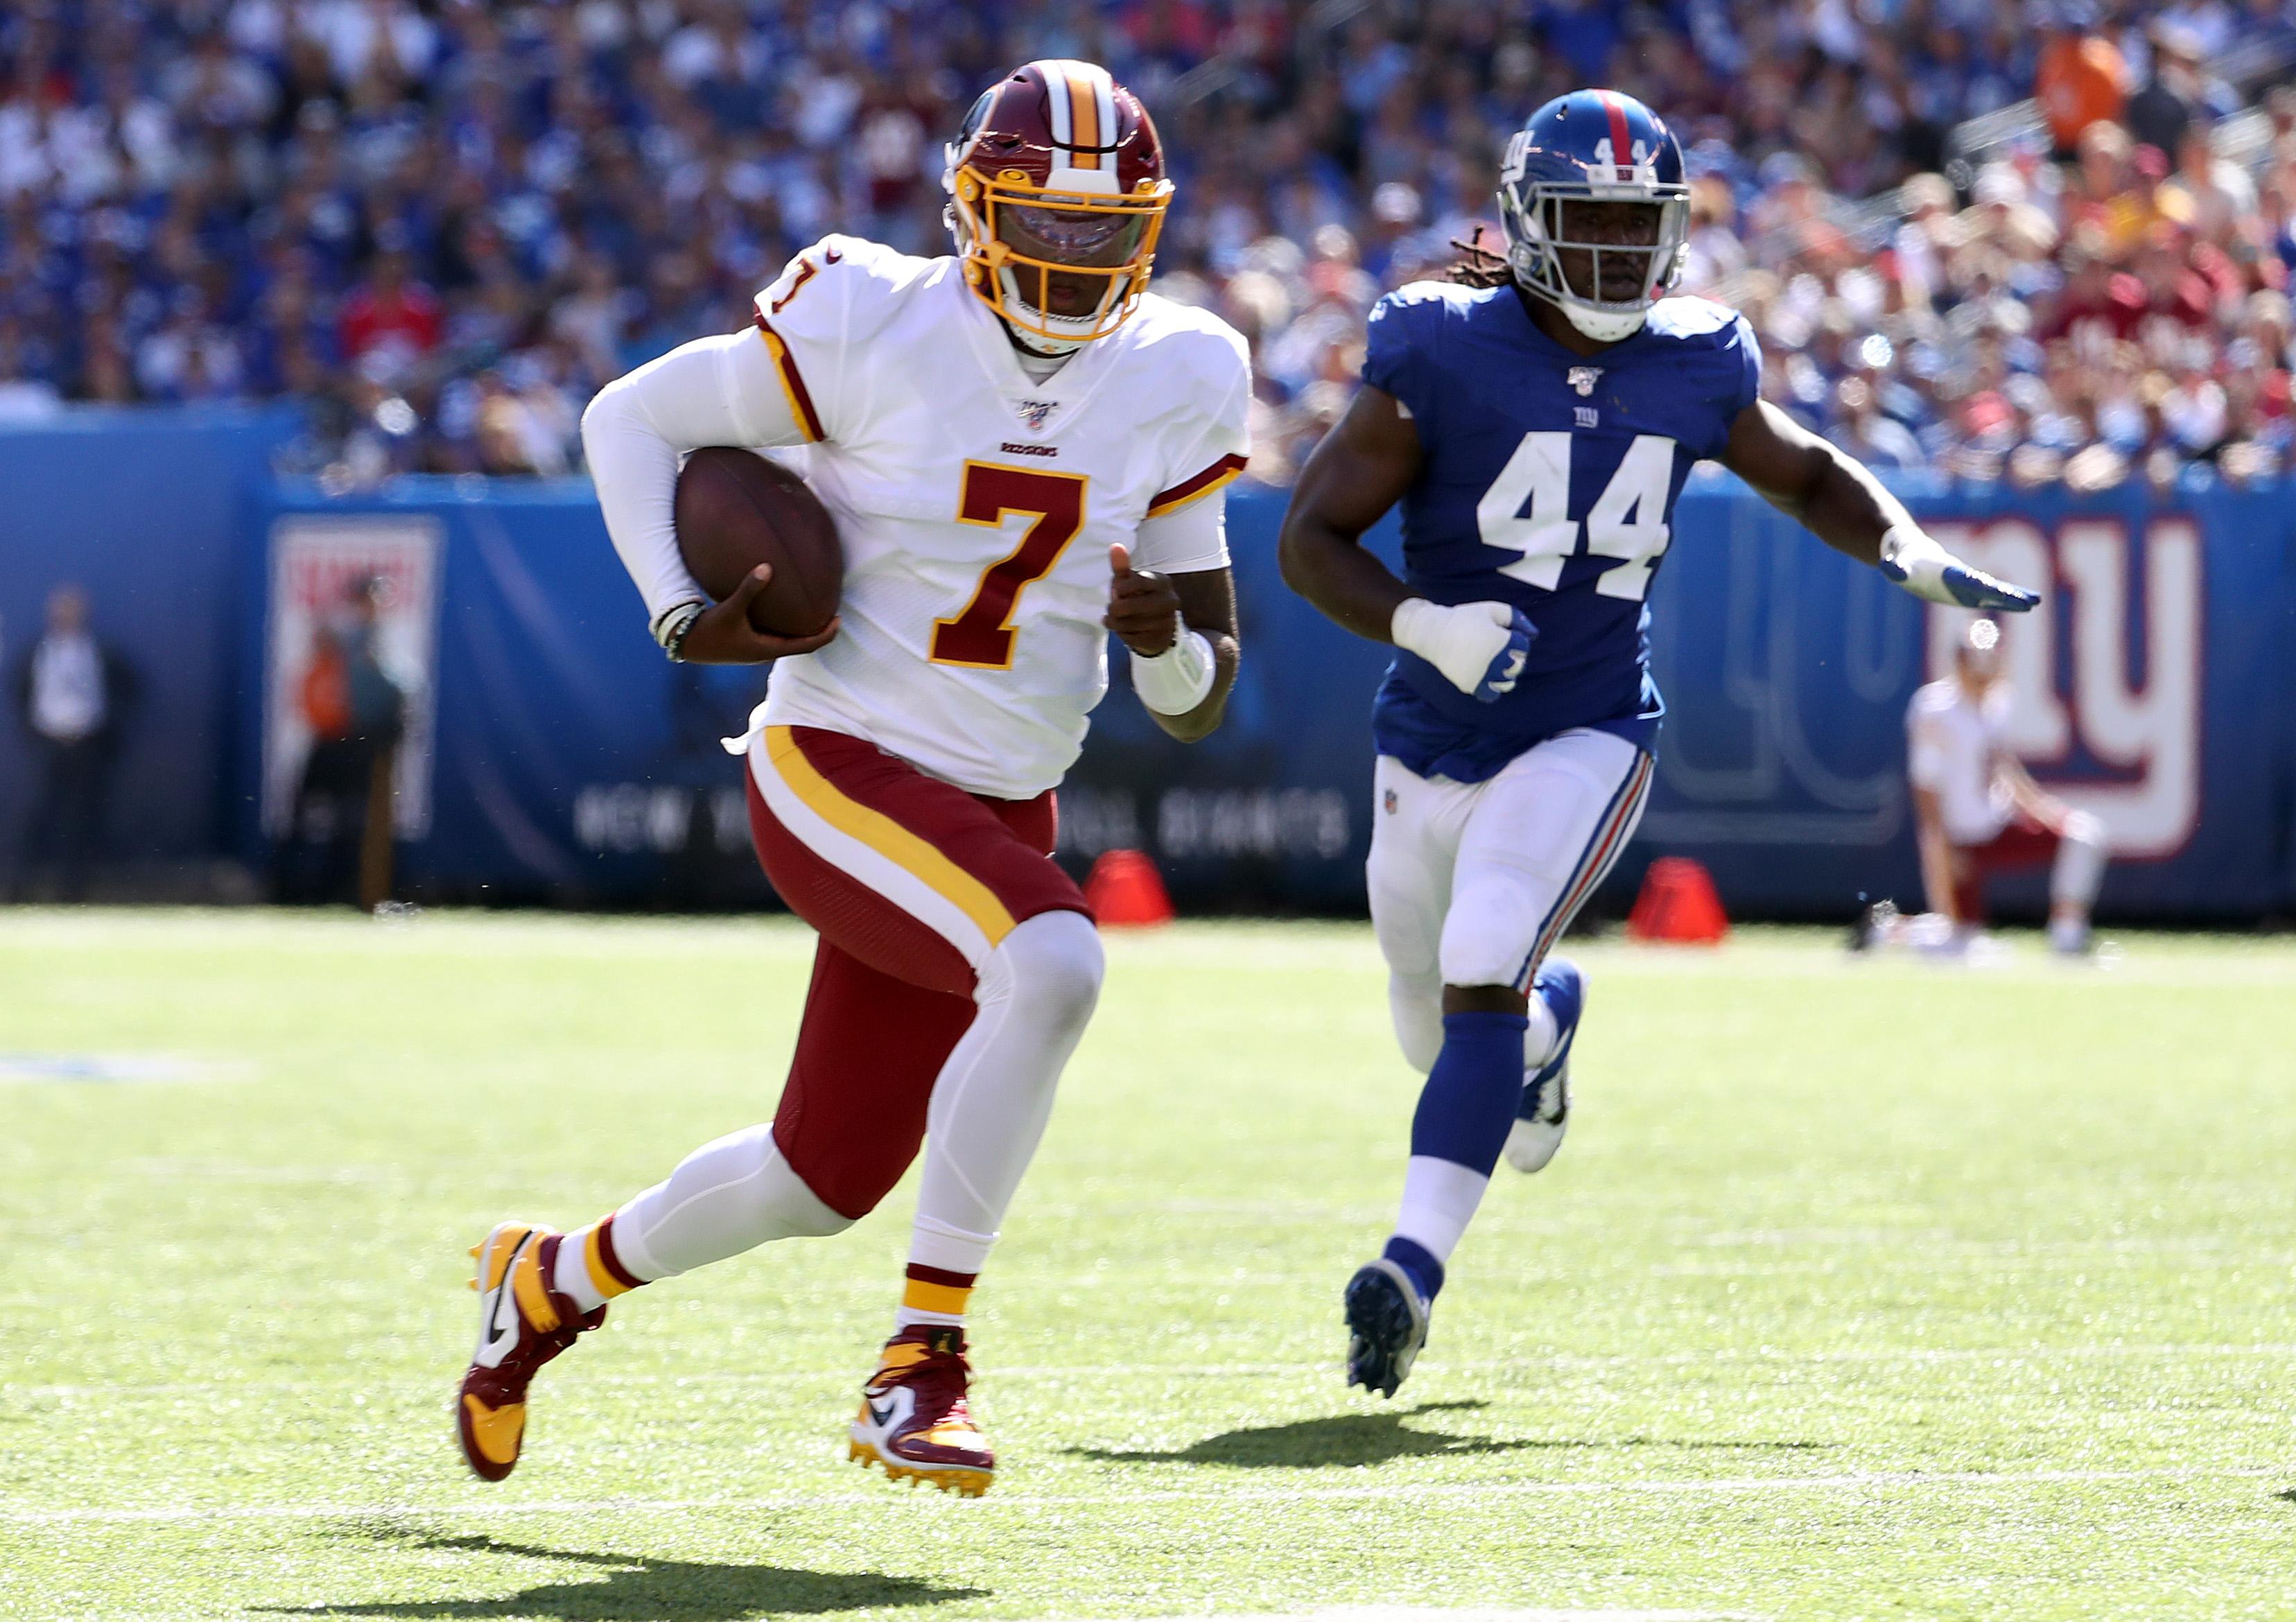 Washington Redskins vNew York Giants